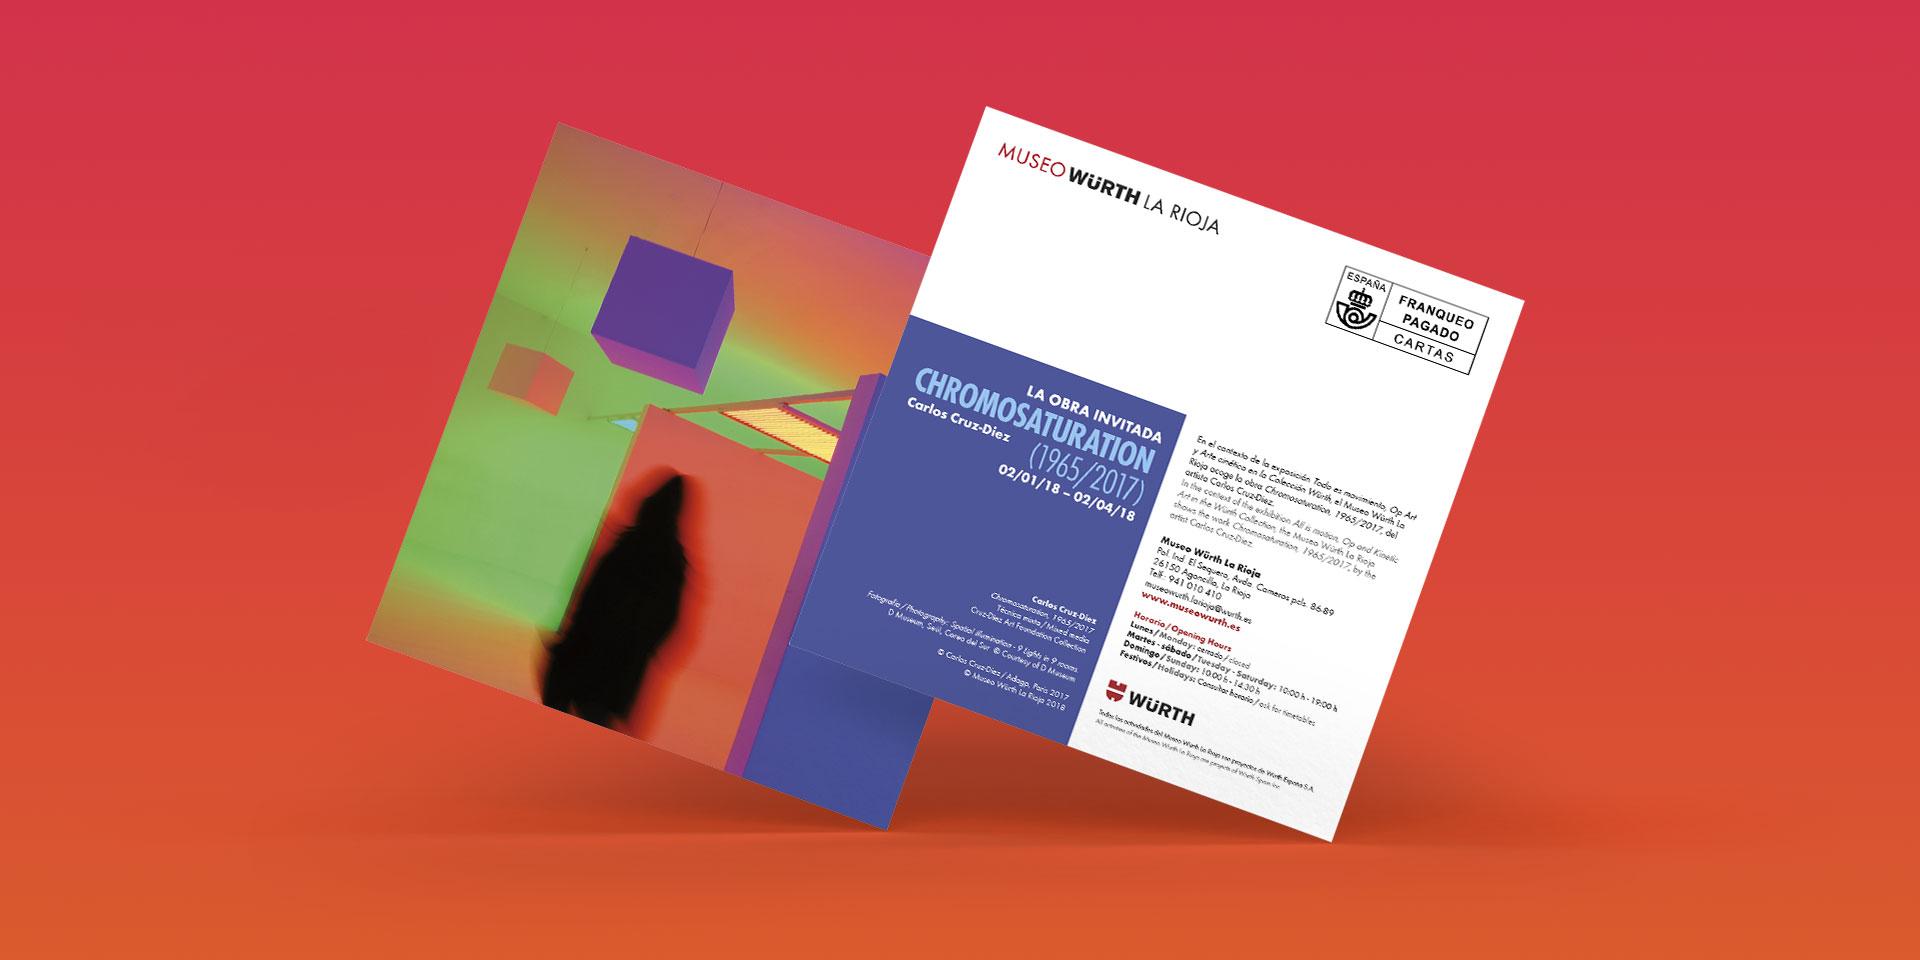 diseño invitación exposicion chromosaturation museo wurth la rioja